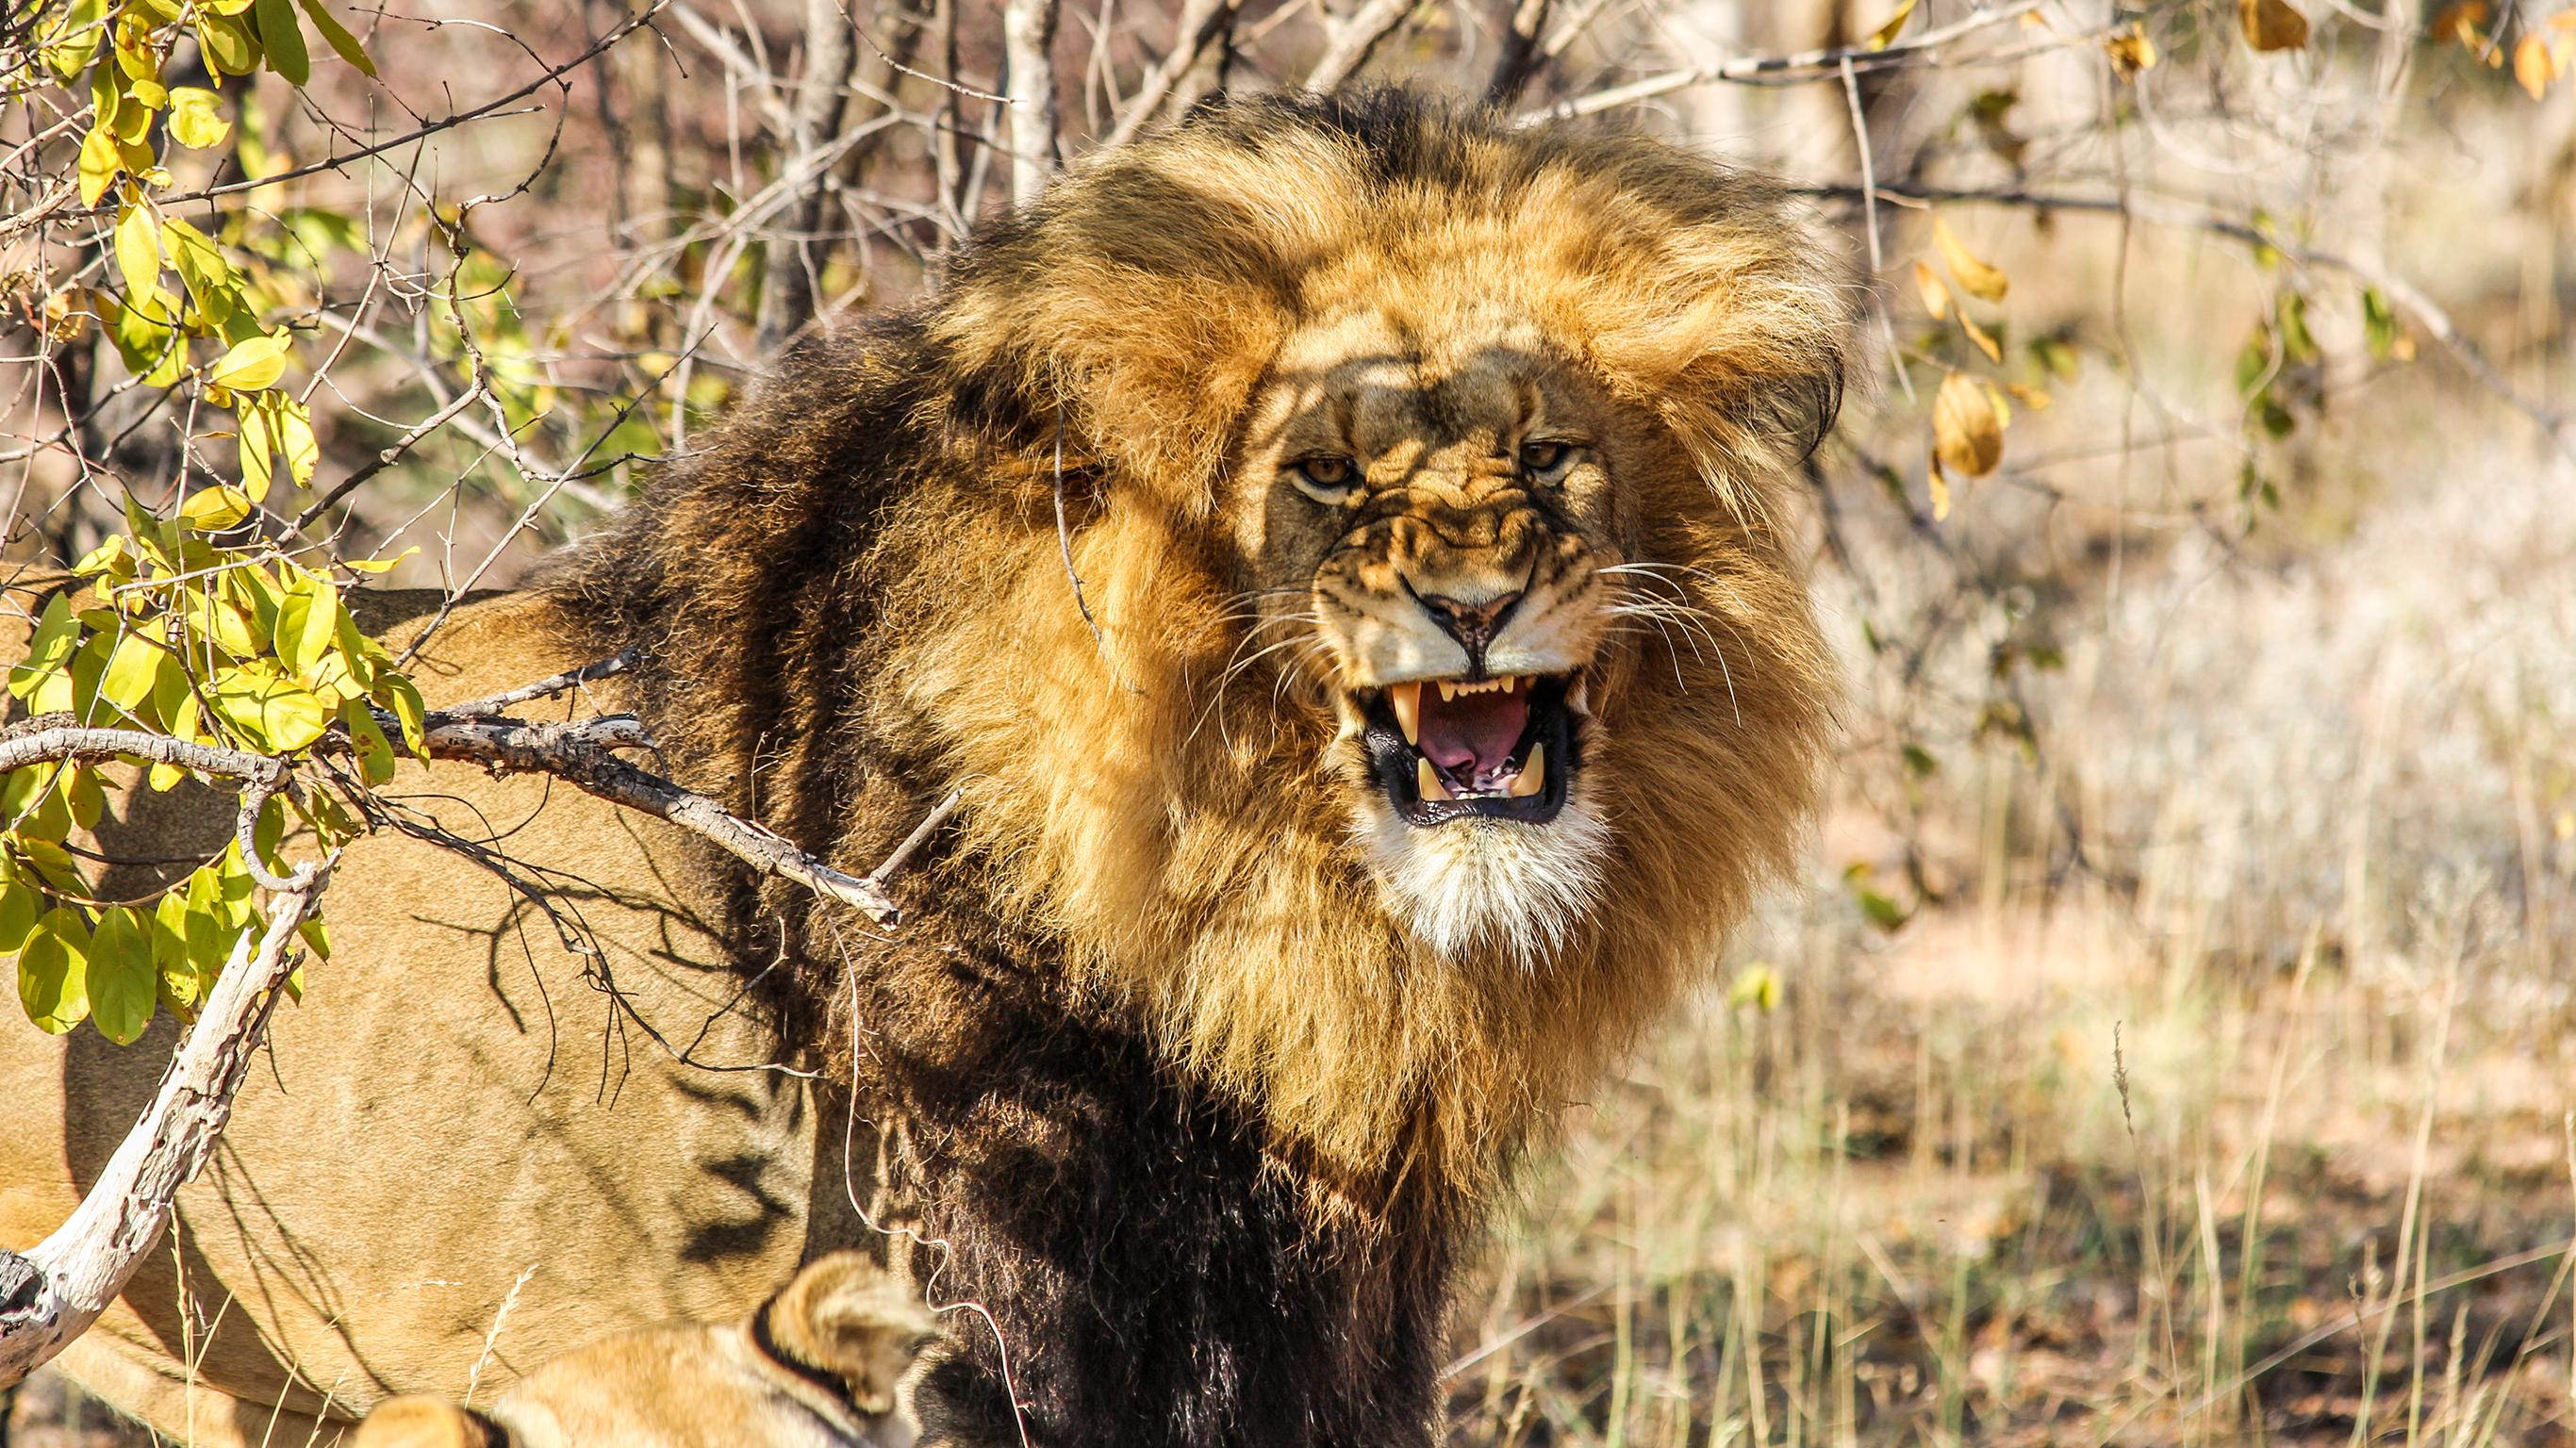 Krüger-Nationalpark, Wasserfälle & Simbabwe – Tierwelt und Tänze